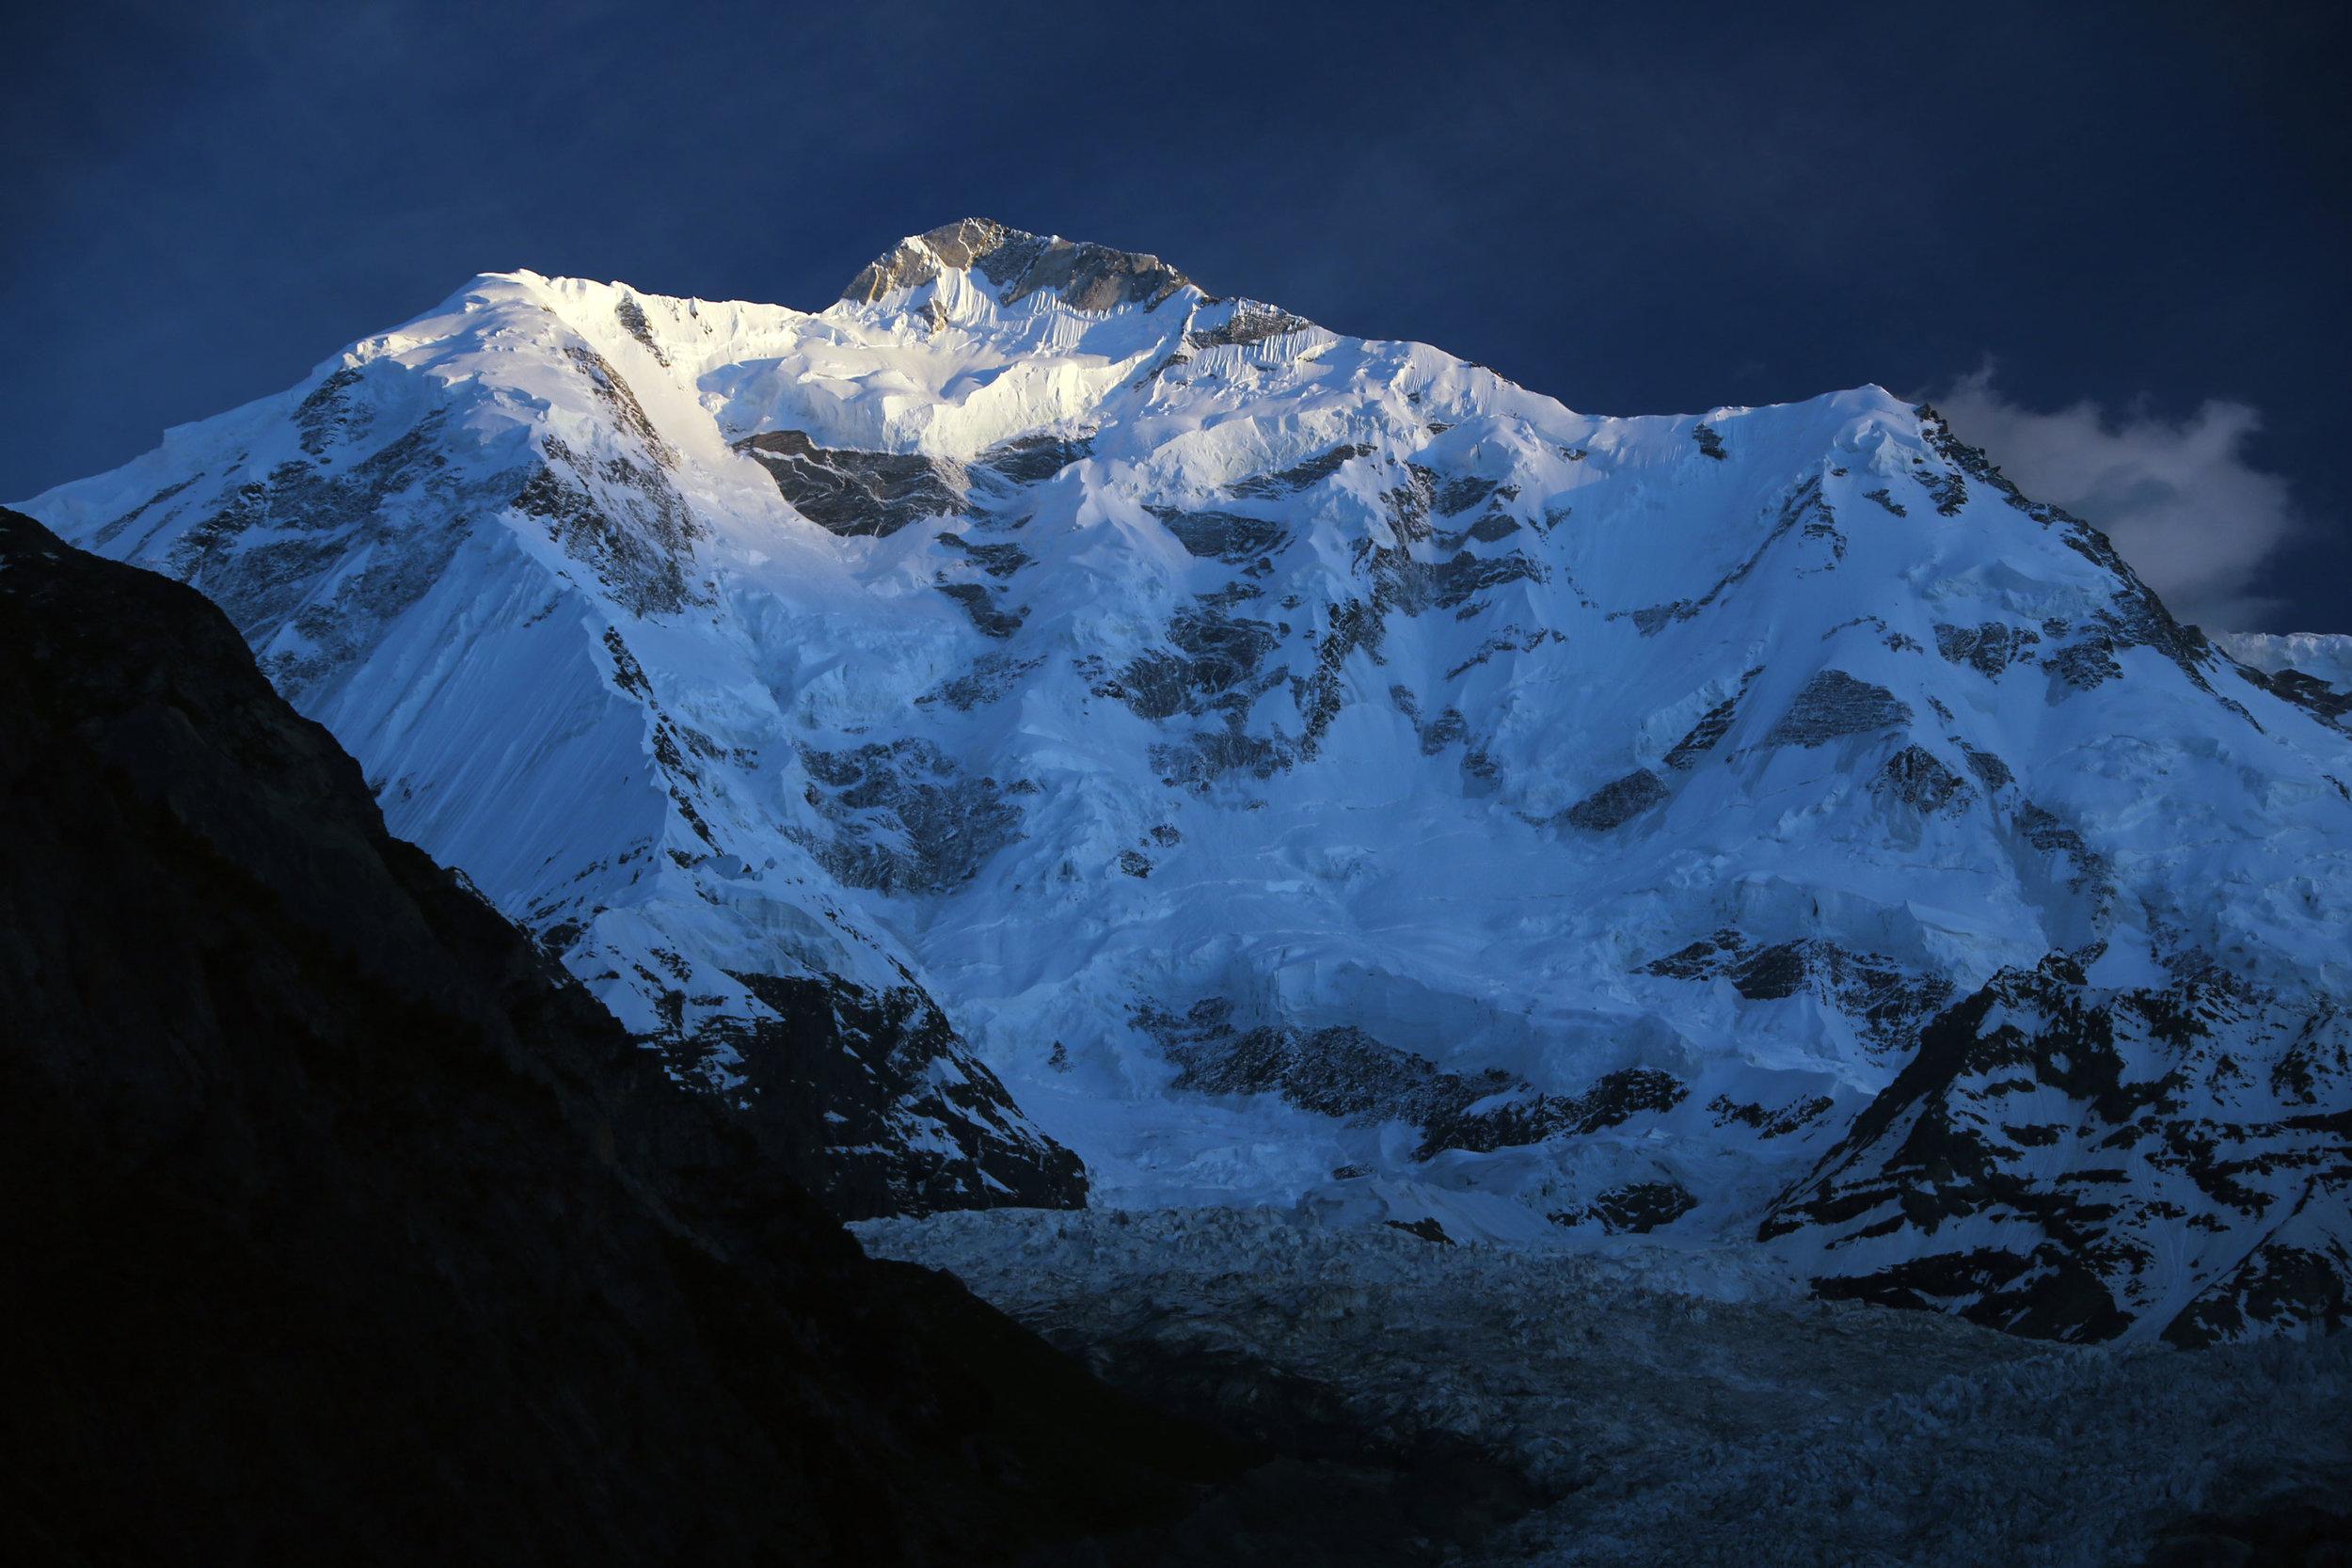 rakaposhi-peak-northern-pakistan-travel-inertia-network.jpg